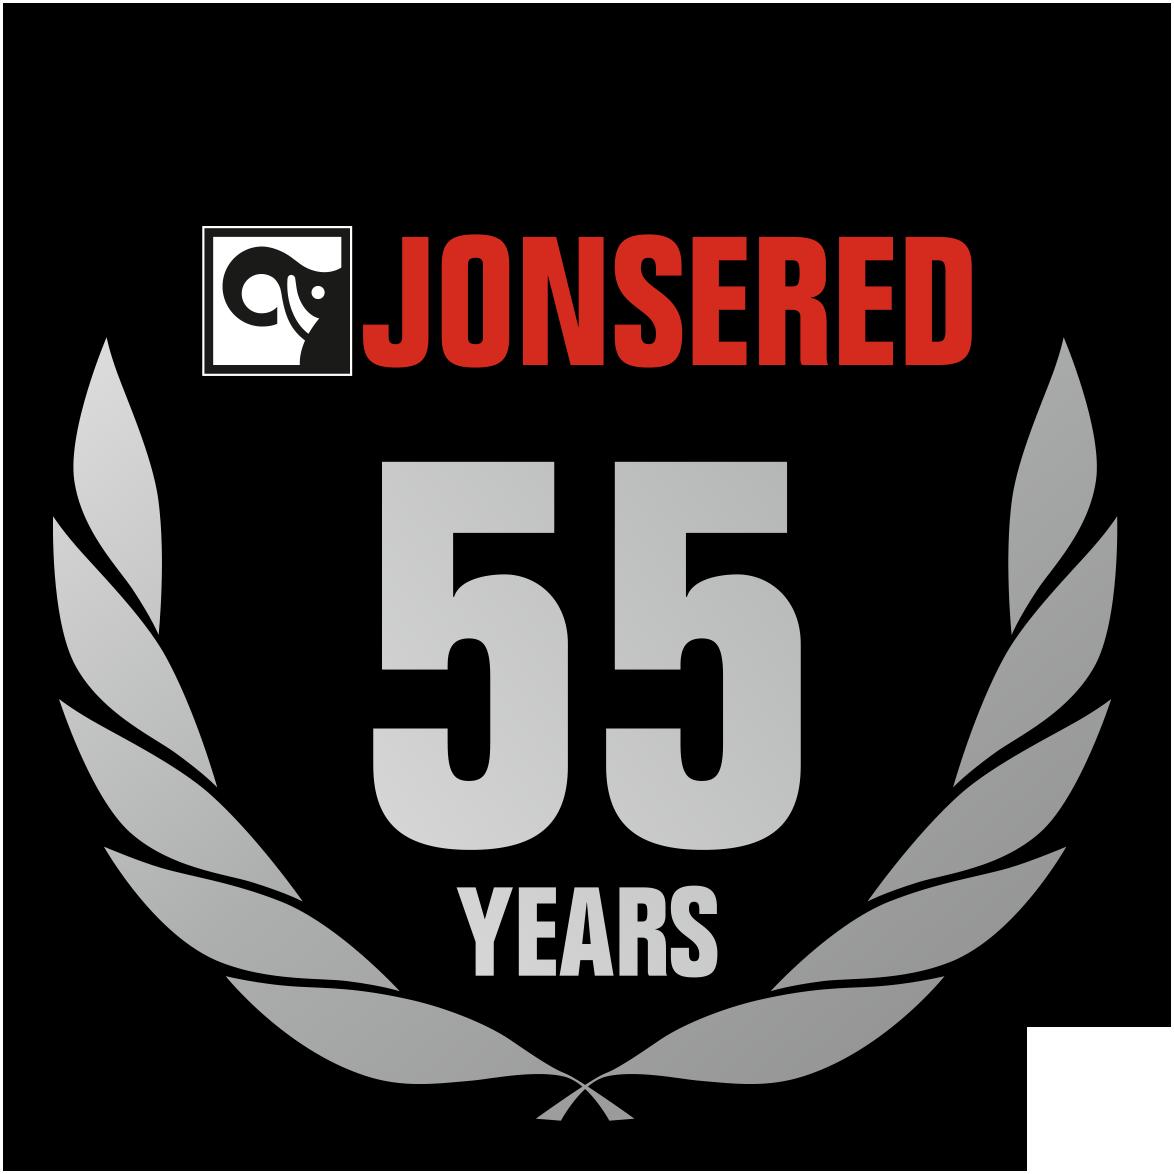 JONSERED jubilee logo